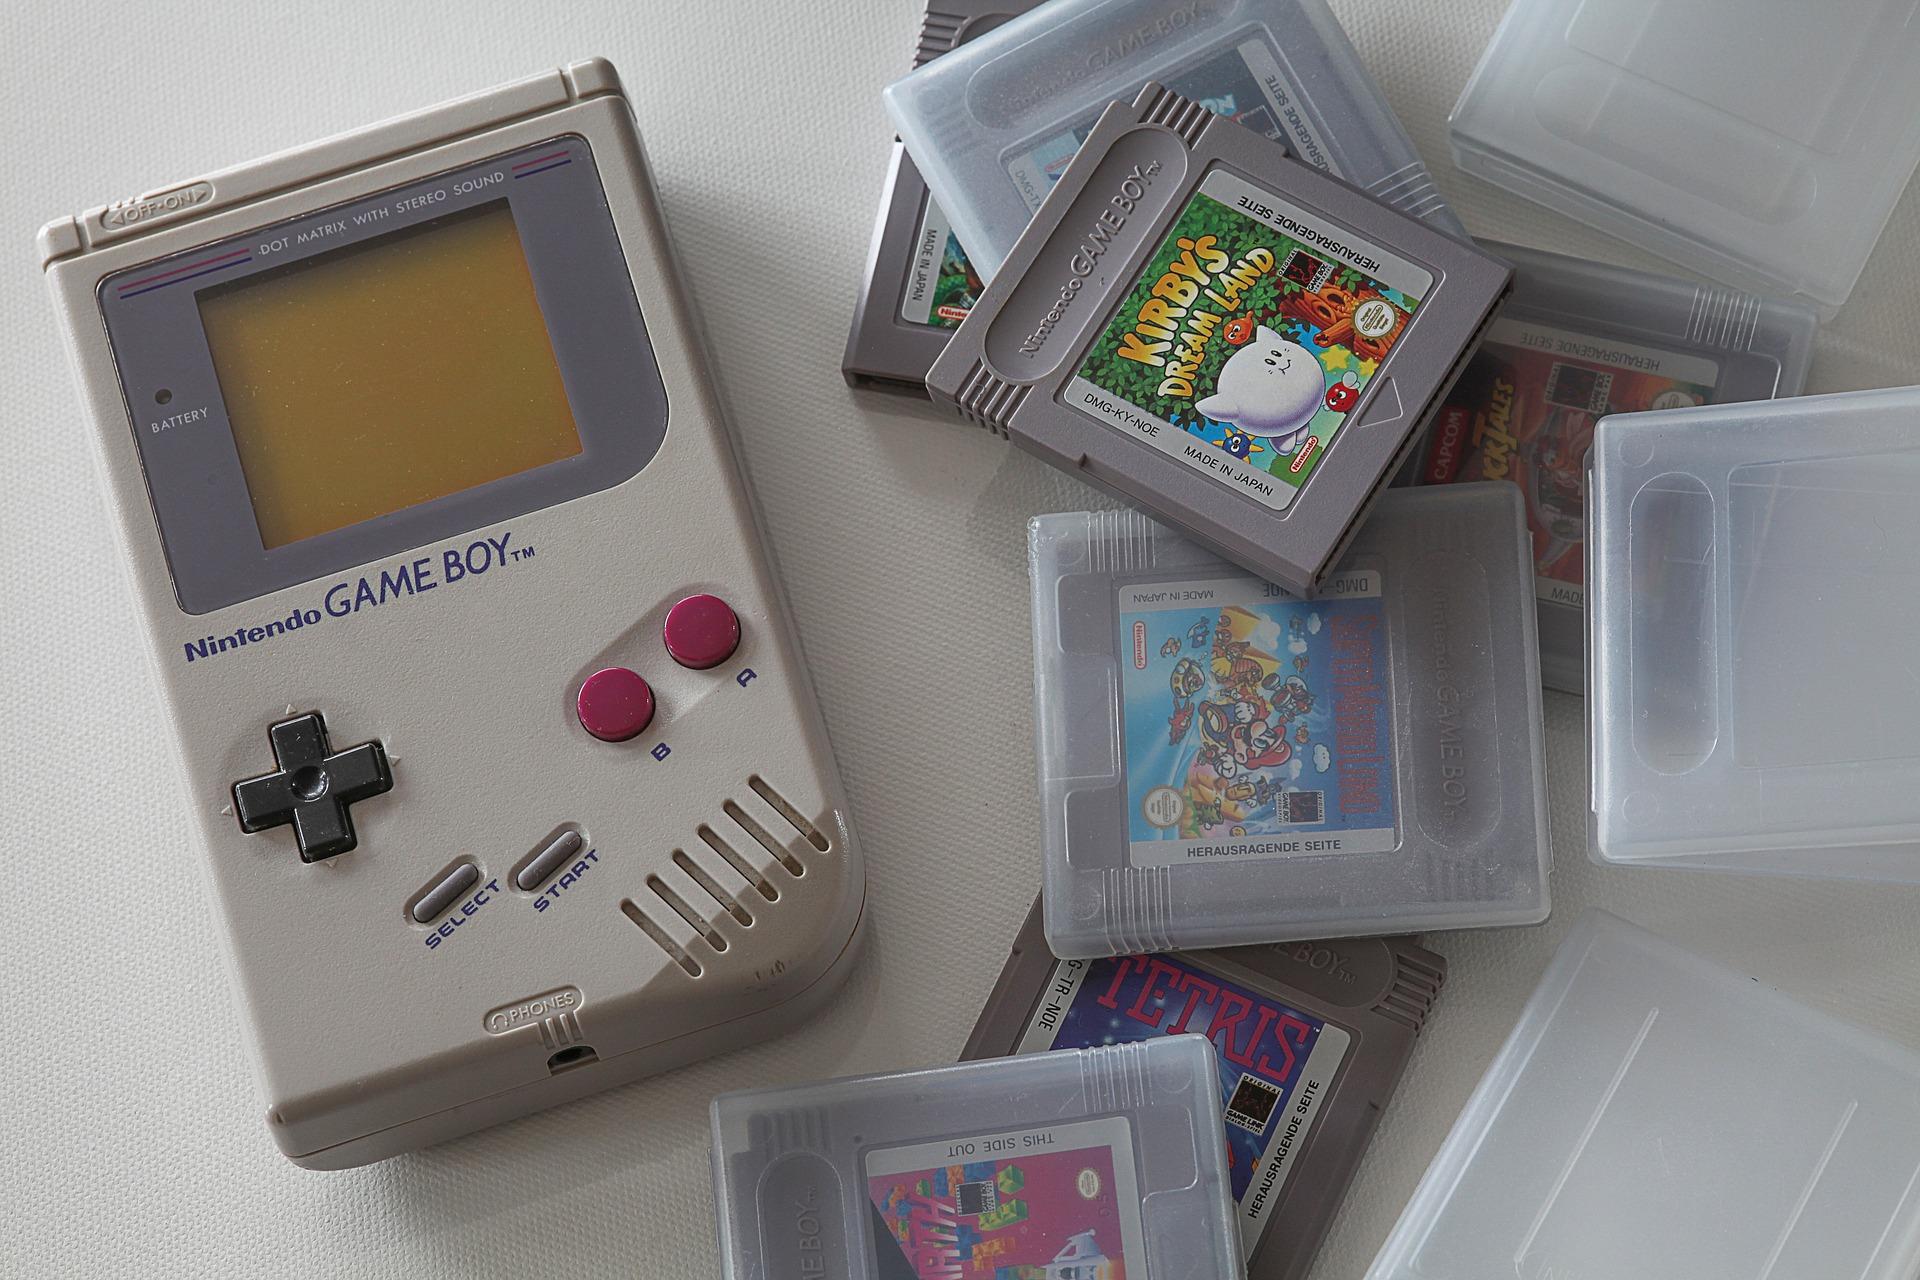 Un Game Boy de Nintendo